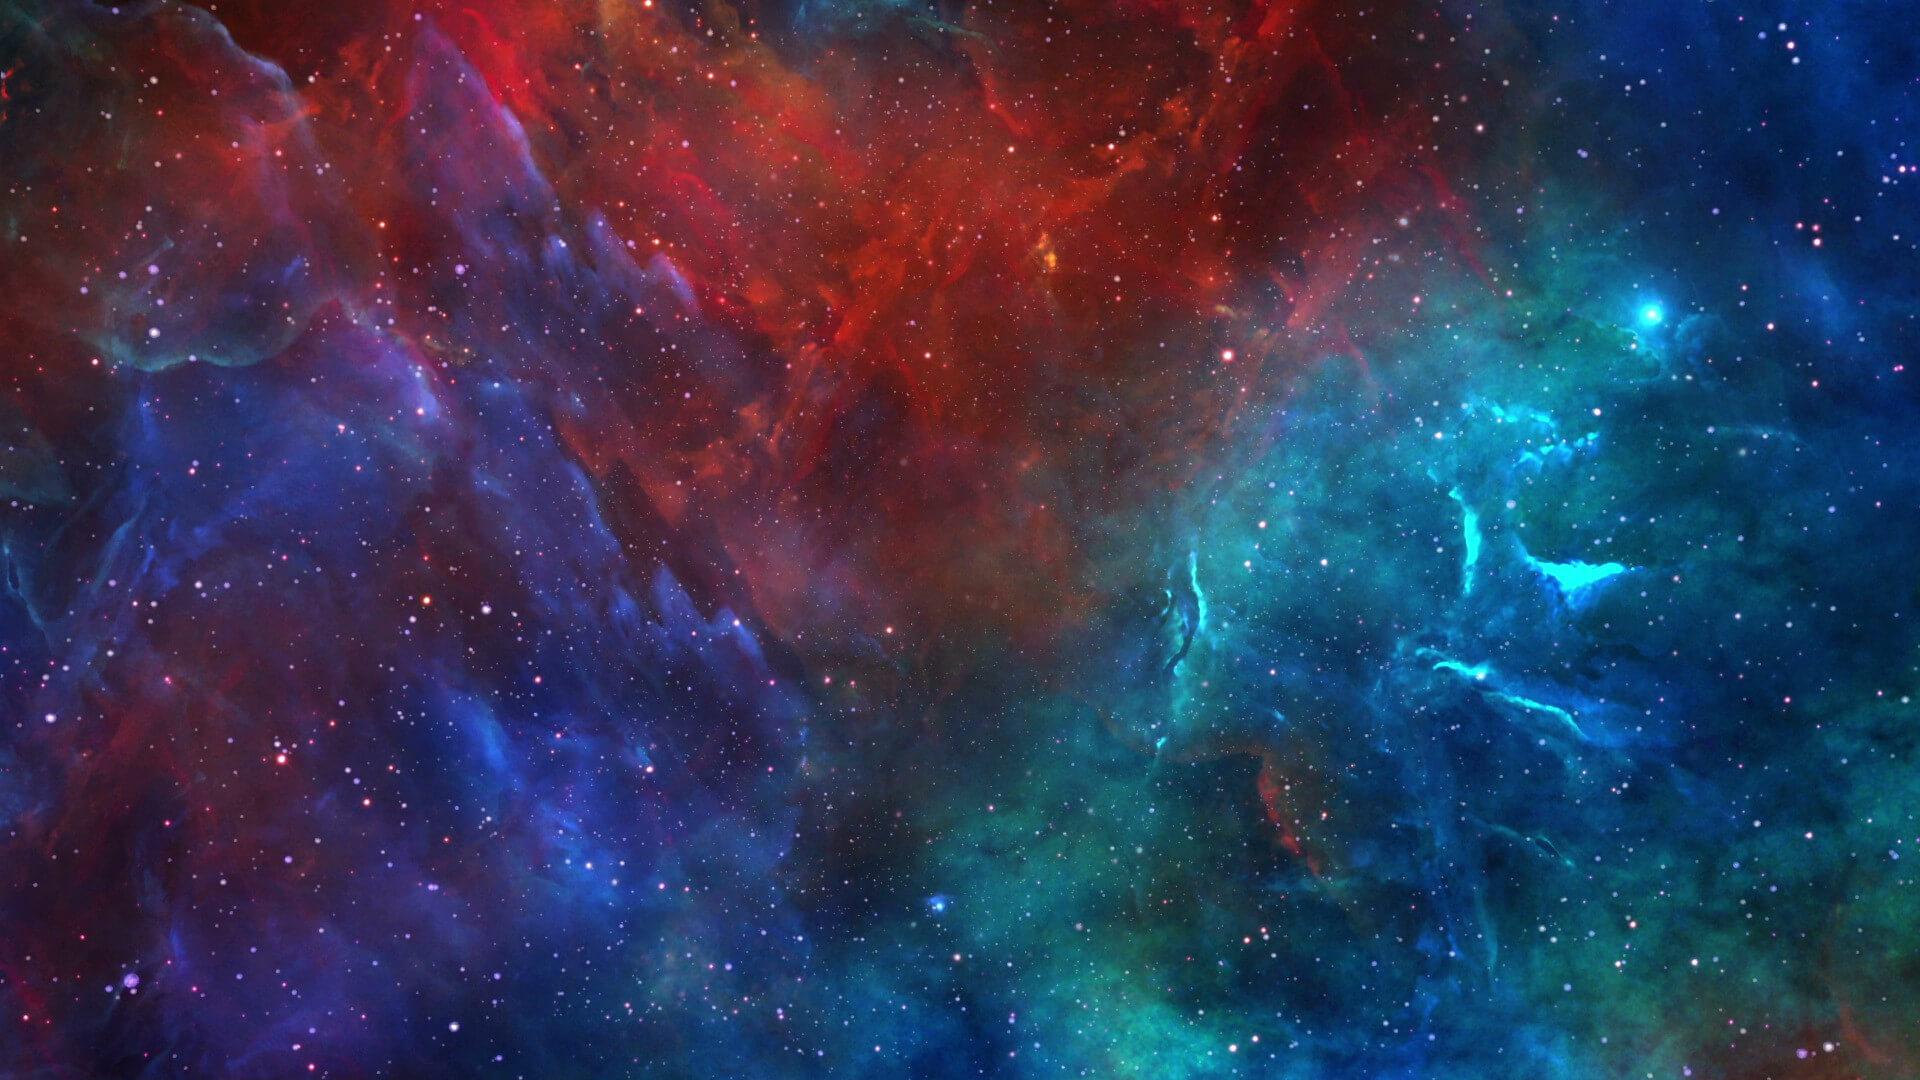 视频素材 8段绚烂星空太空星云背景素材 Space Nebulae Pack